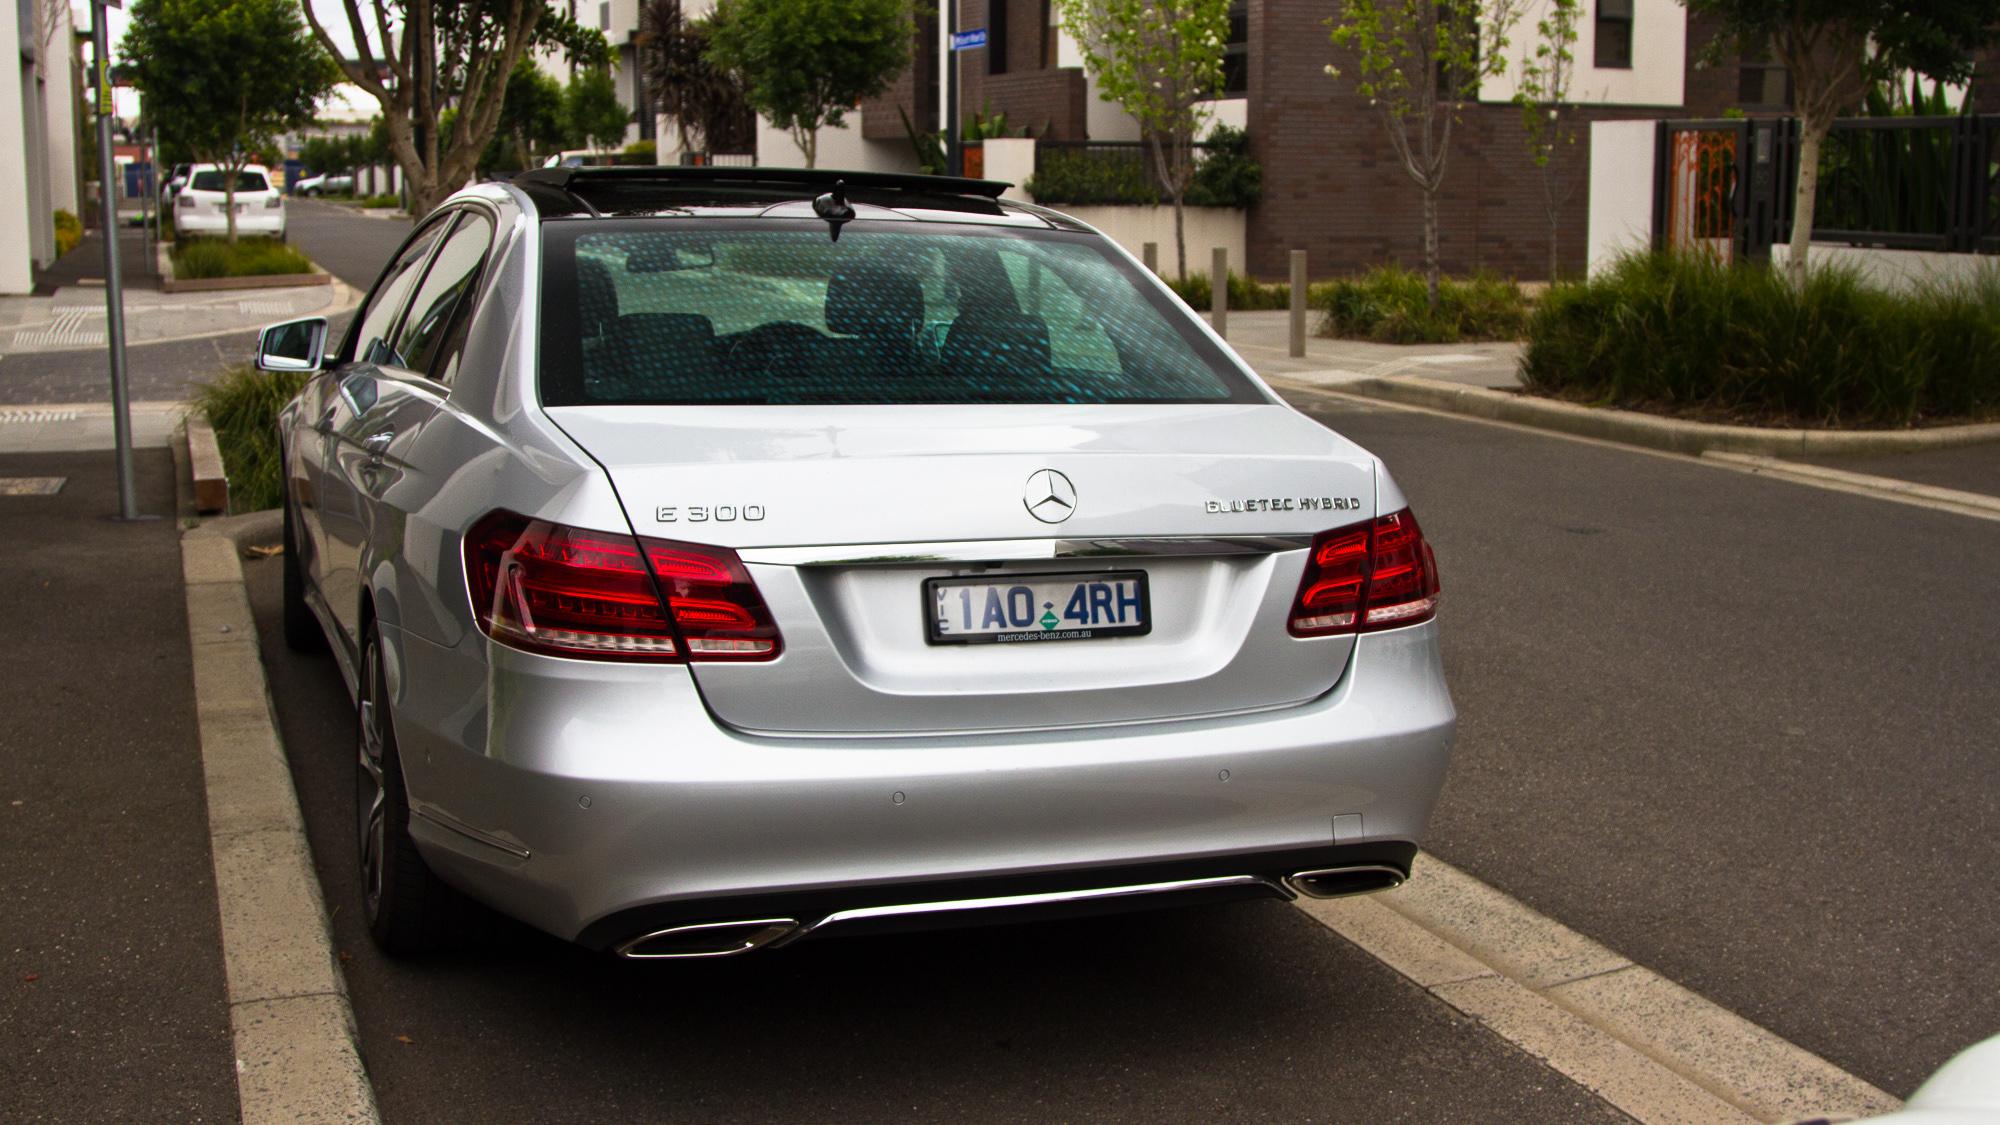 Mercedes-Benz E300 Bluetec Hybrid Review - photos | CarAdvice